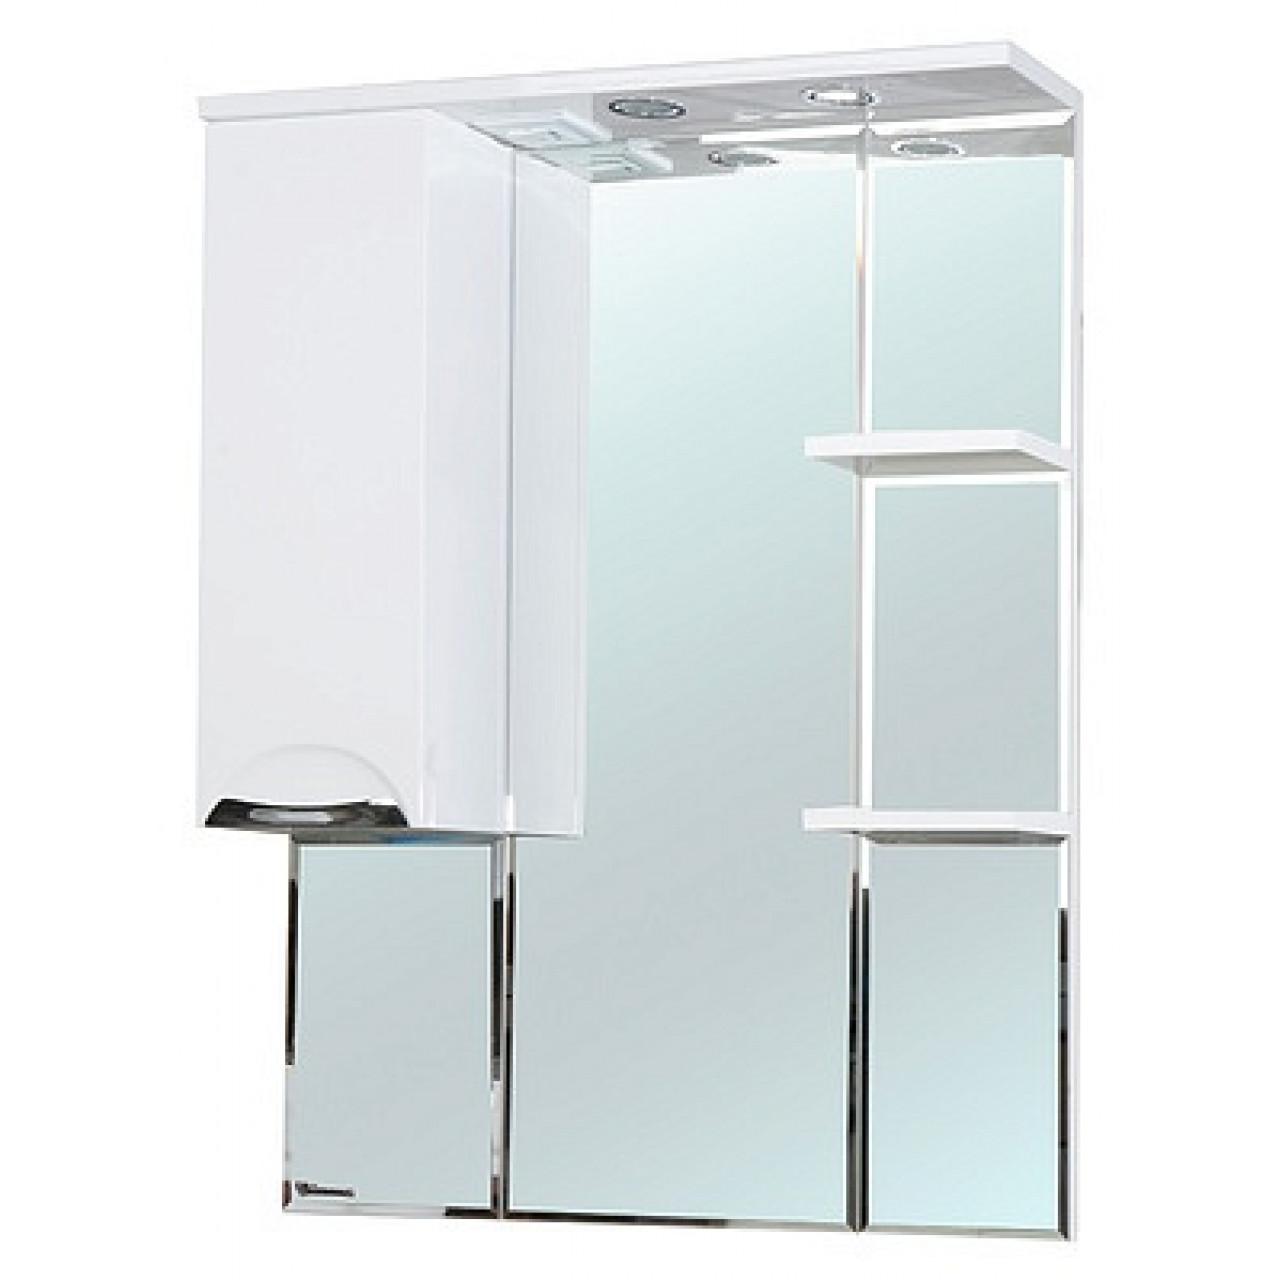 Зеркало-шкаф Bellezza Альфа 75 белый купить в Москве по цене от 7379р. в интернет-магазине mebel-v-vannu.ru